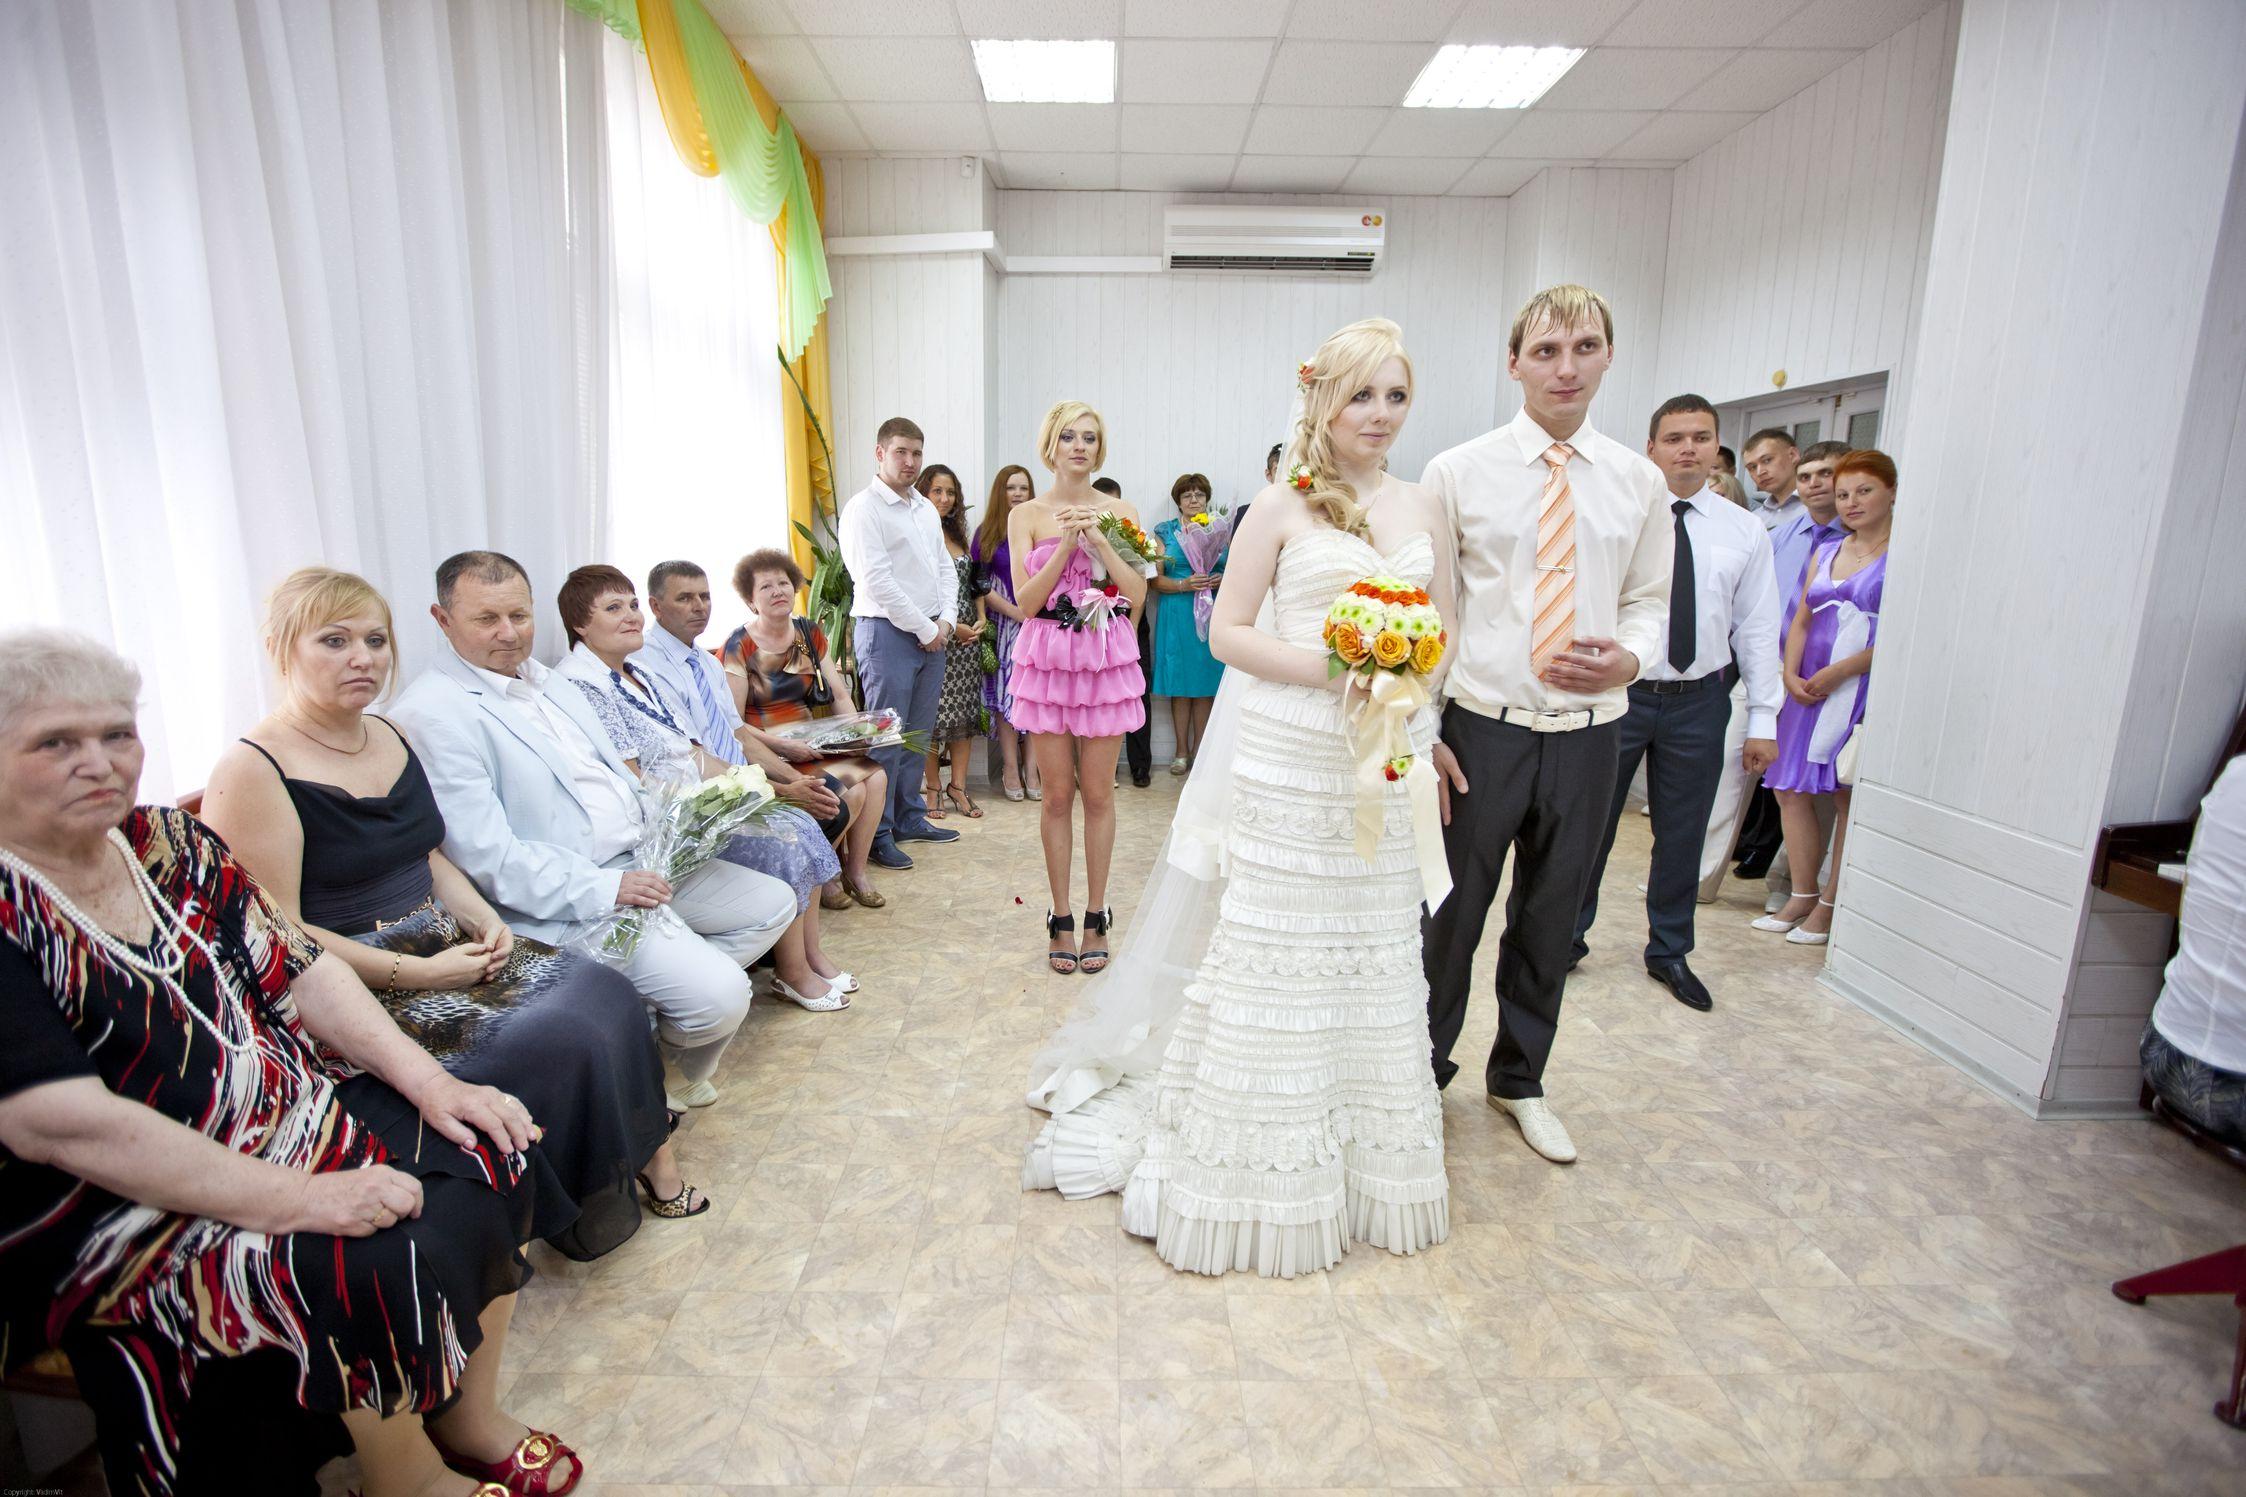 Зал торжественных обрядов. ЗАГС Ленинского района